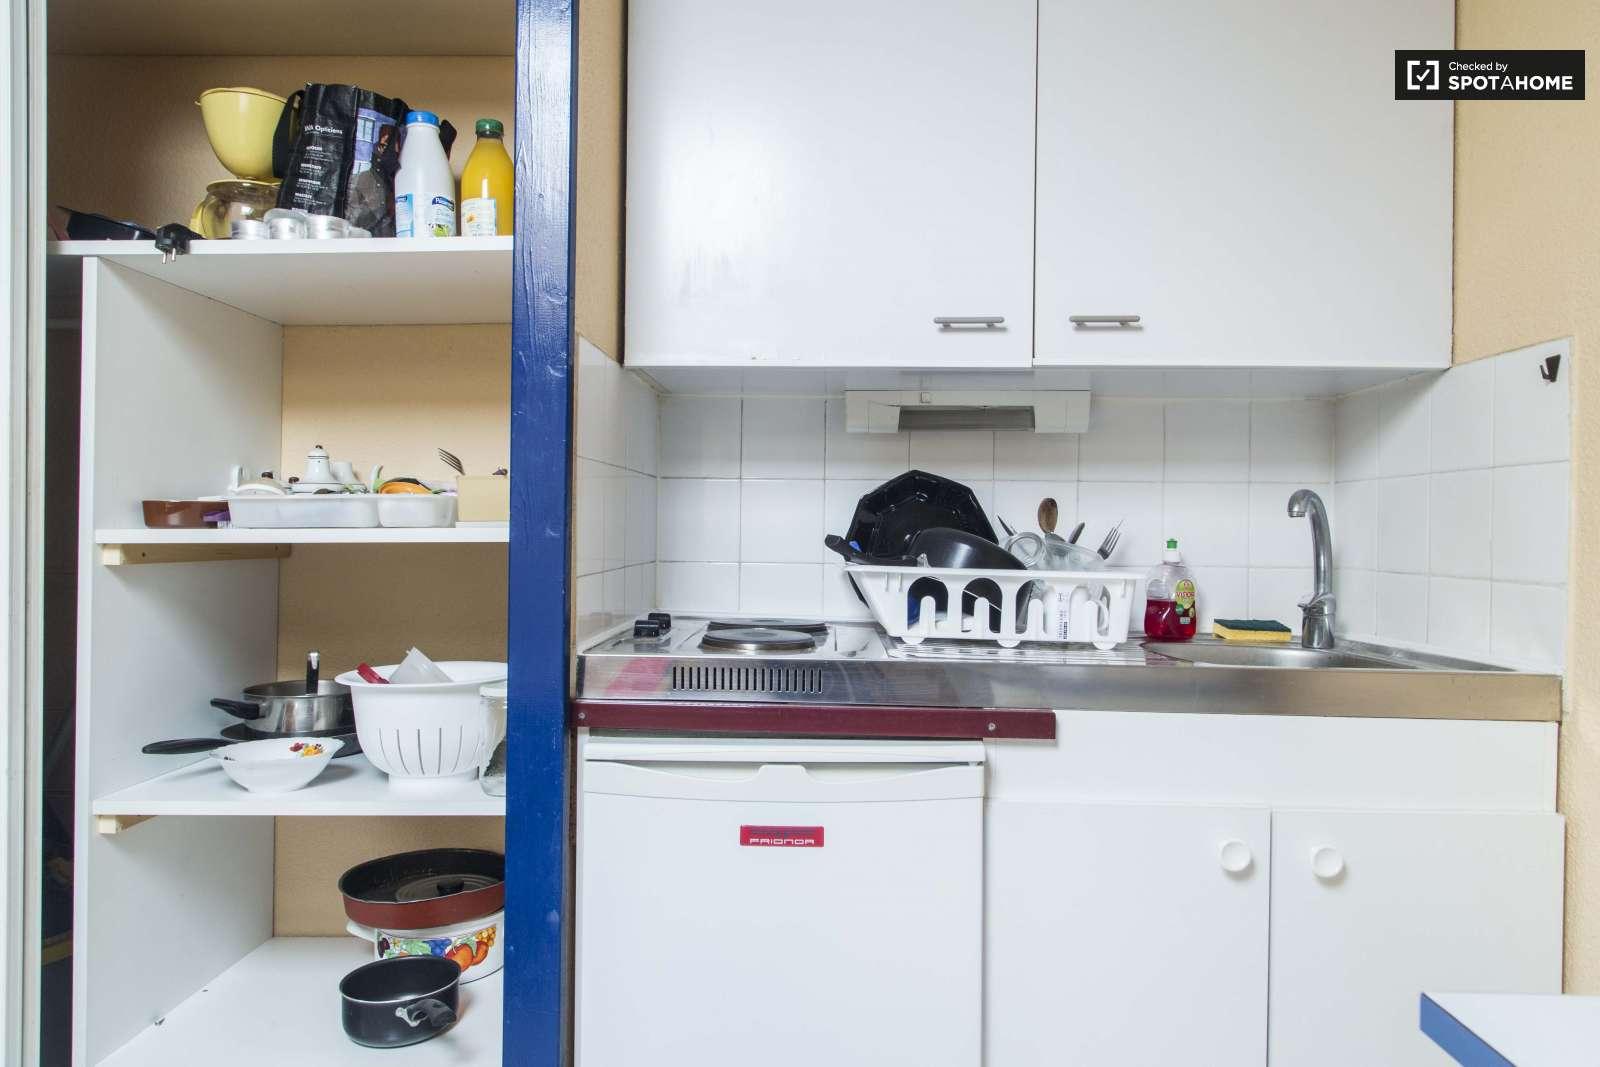 Appartement de 1 chambre louer qui accepte les couples for Extra cuisine lyon